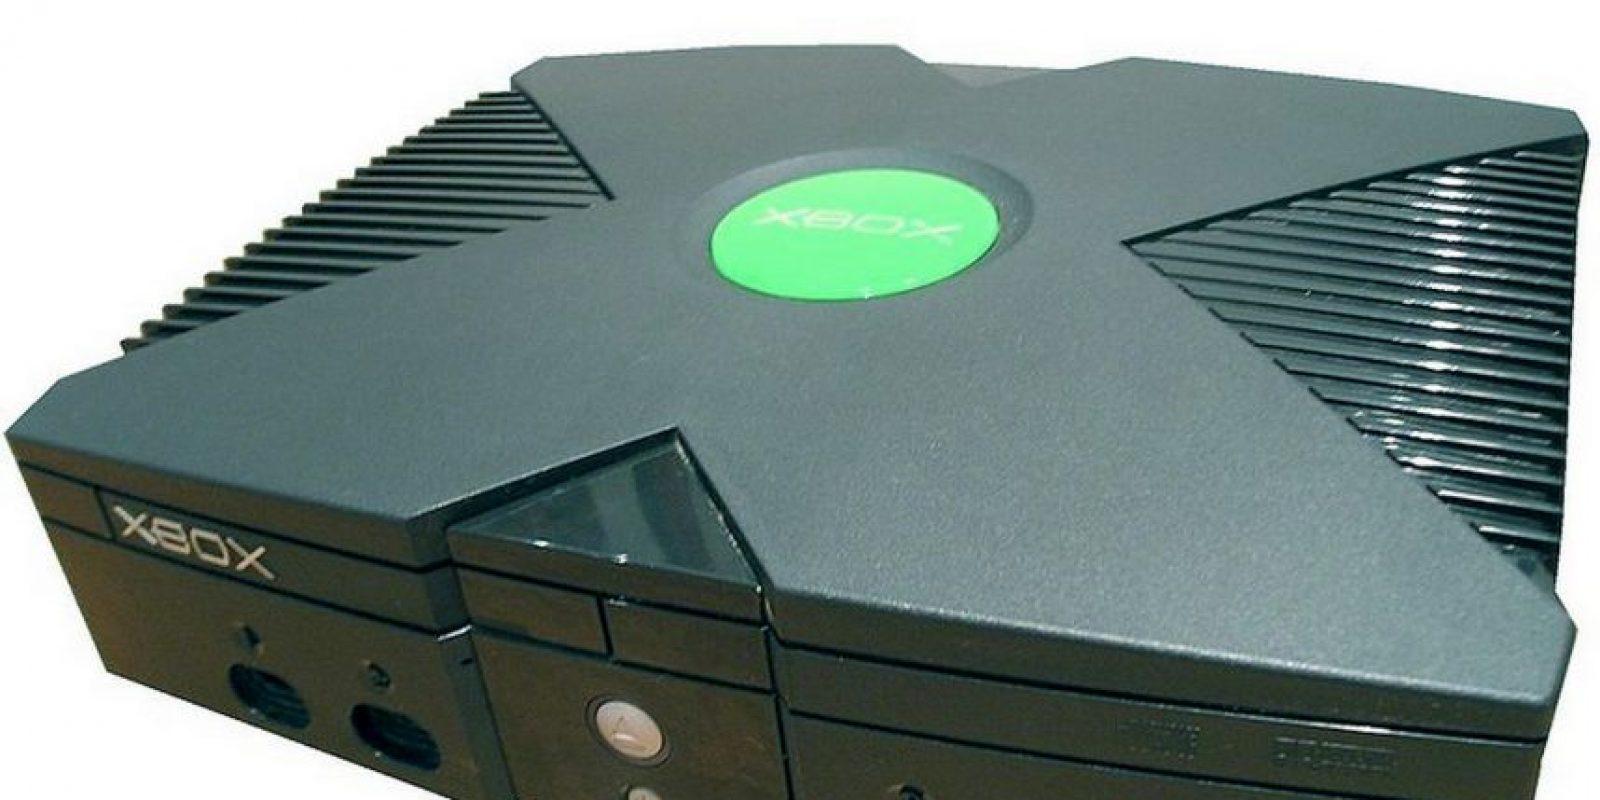 El Xbox llegó sexta generación. Fue creado por Microsoft en respuesta a las consolas de Nintendo y Sony. Las tres empresas son actualmente los papás de los videojuegos y consolas Foto:Microsoft